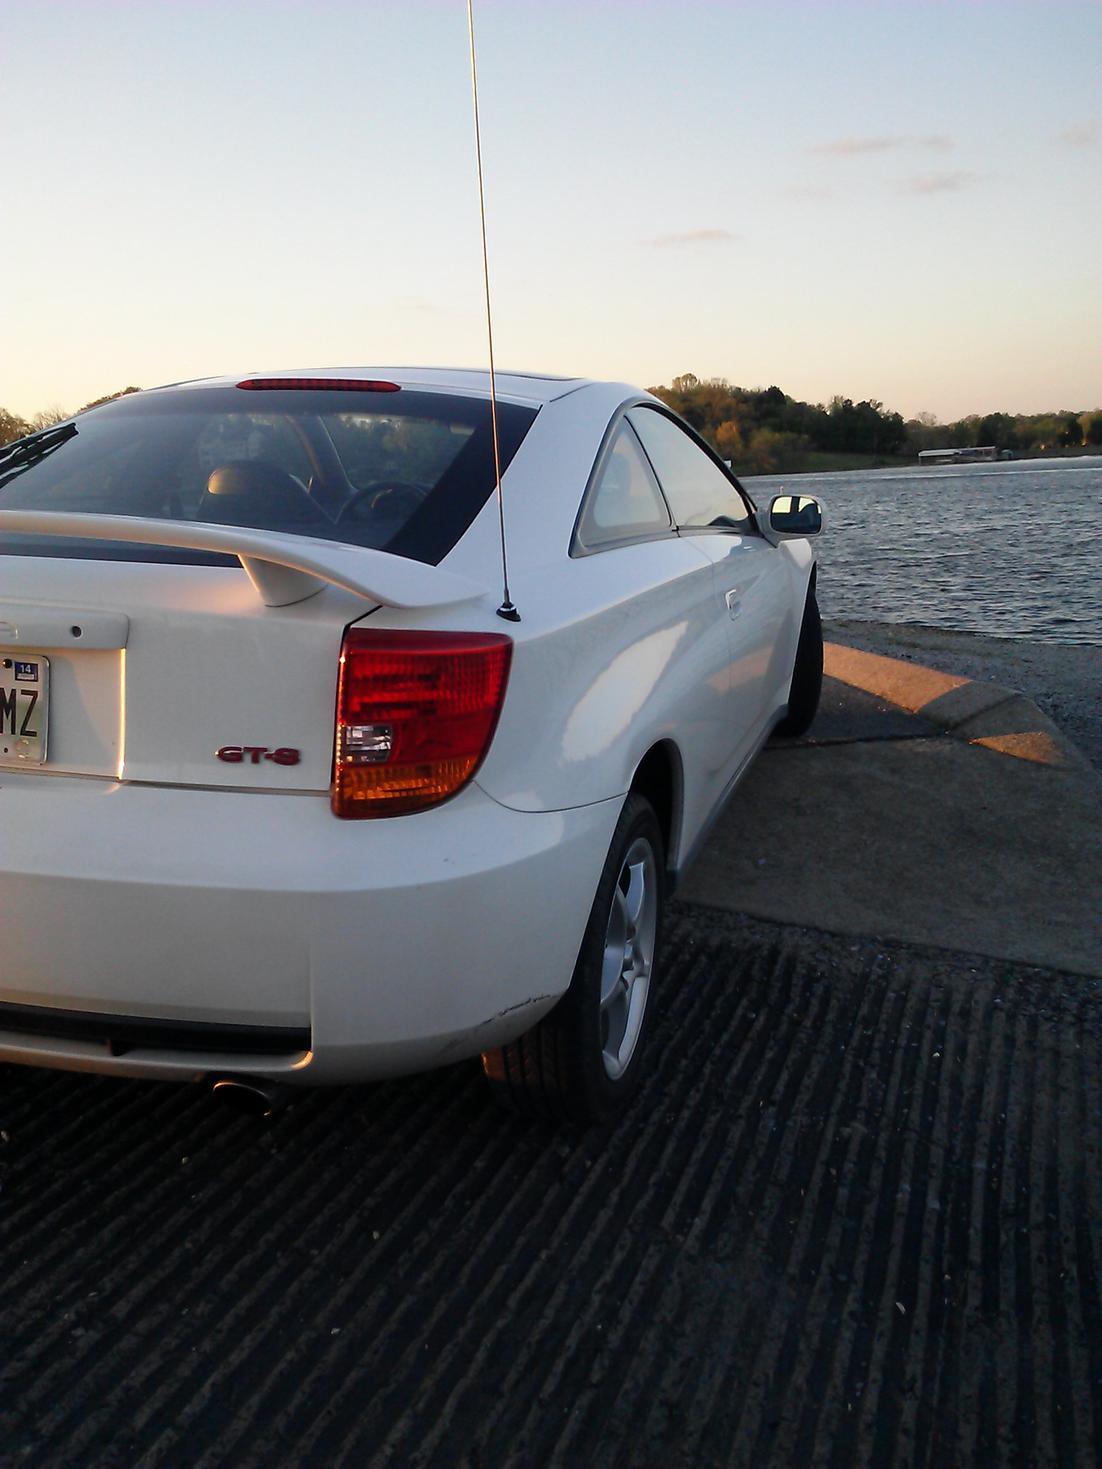 2000 Celica GT-S-2014-04-15-19-02-02-jpg